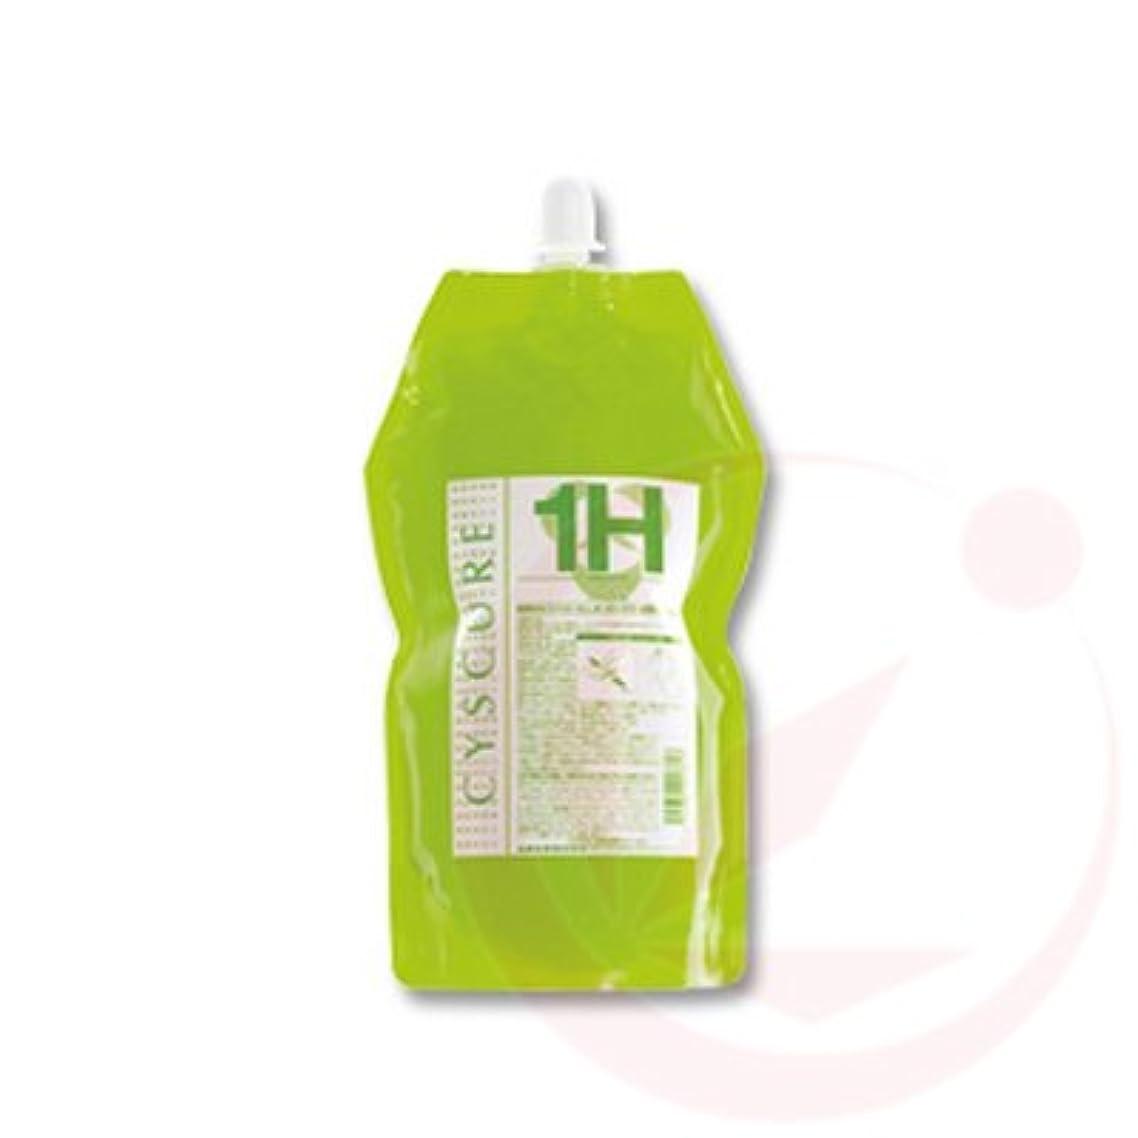 排除ミケランジェロ債務タマリス シスキュア1H 1000g (パーマ剤/1剤)